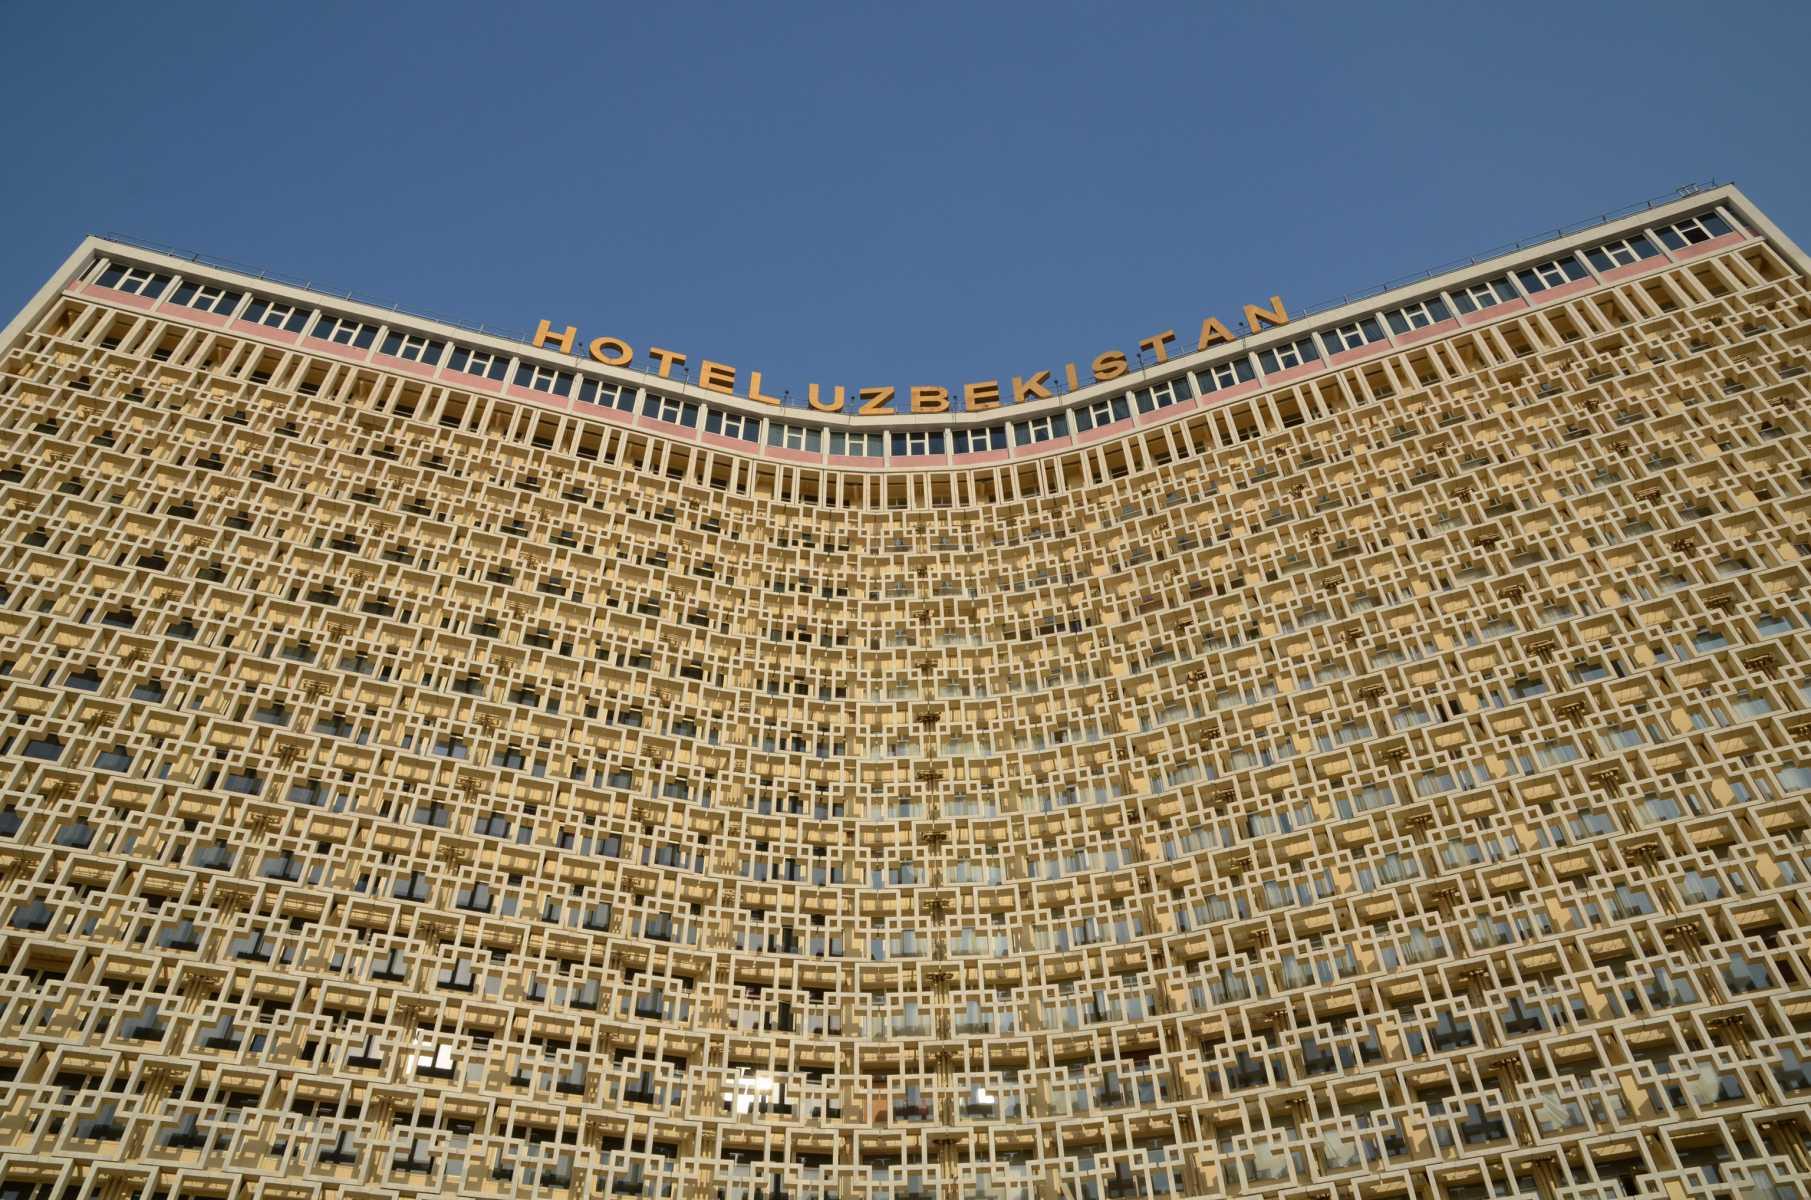 Ouzbekistan - Le look soviétique de l'hôtel Uzbekistan à Tachkent